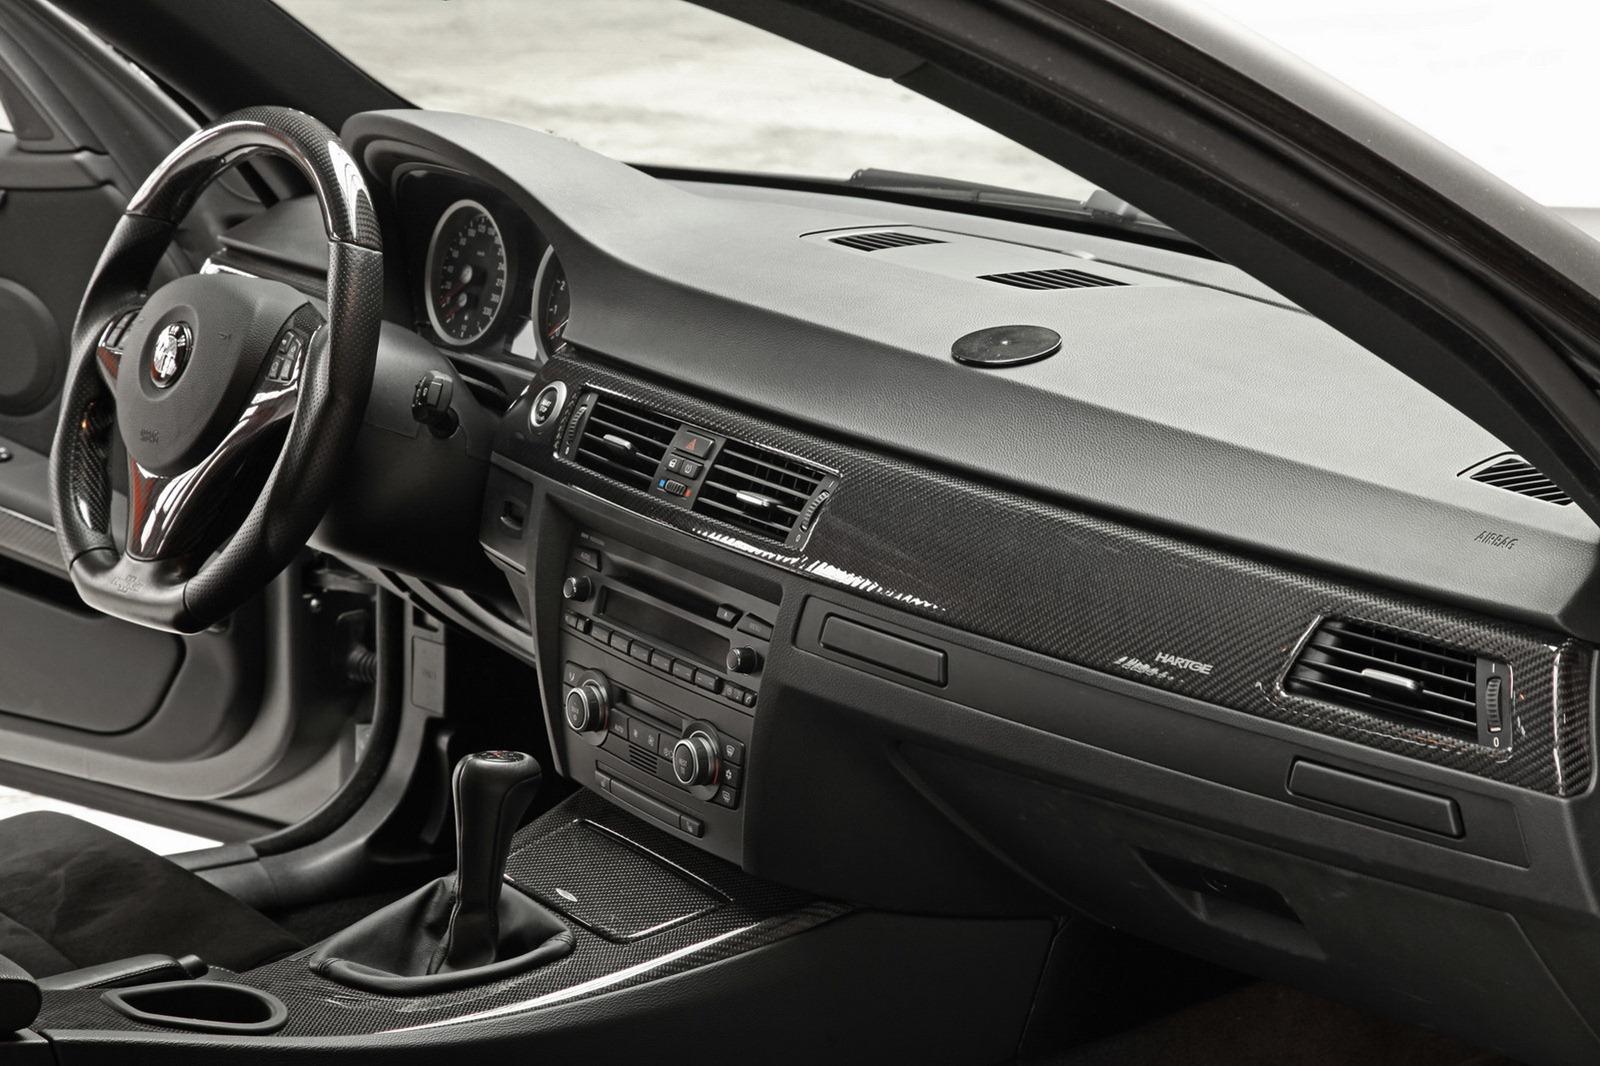 Cam Shaft BMW M3 Guerilla